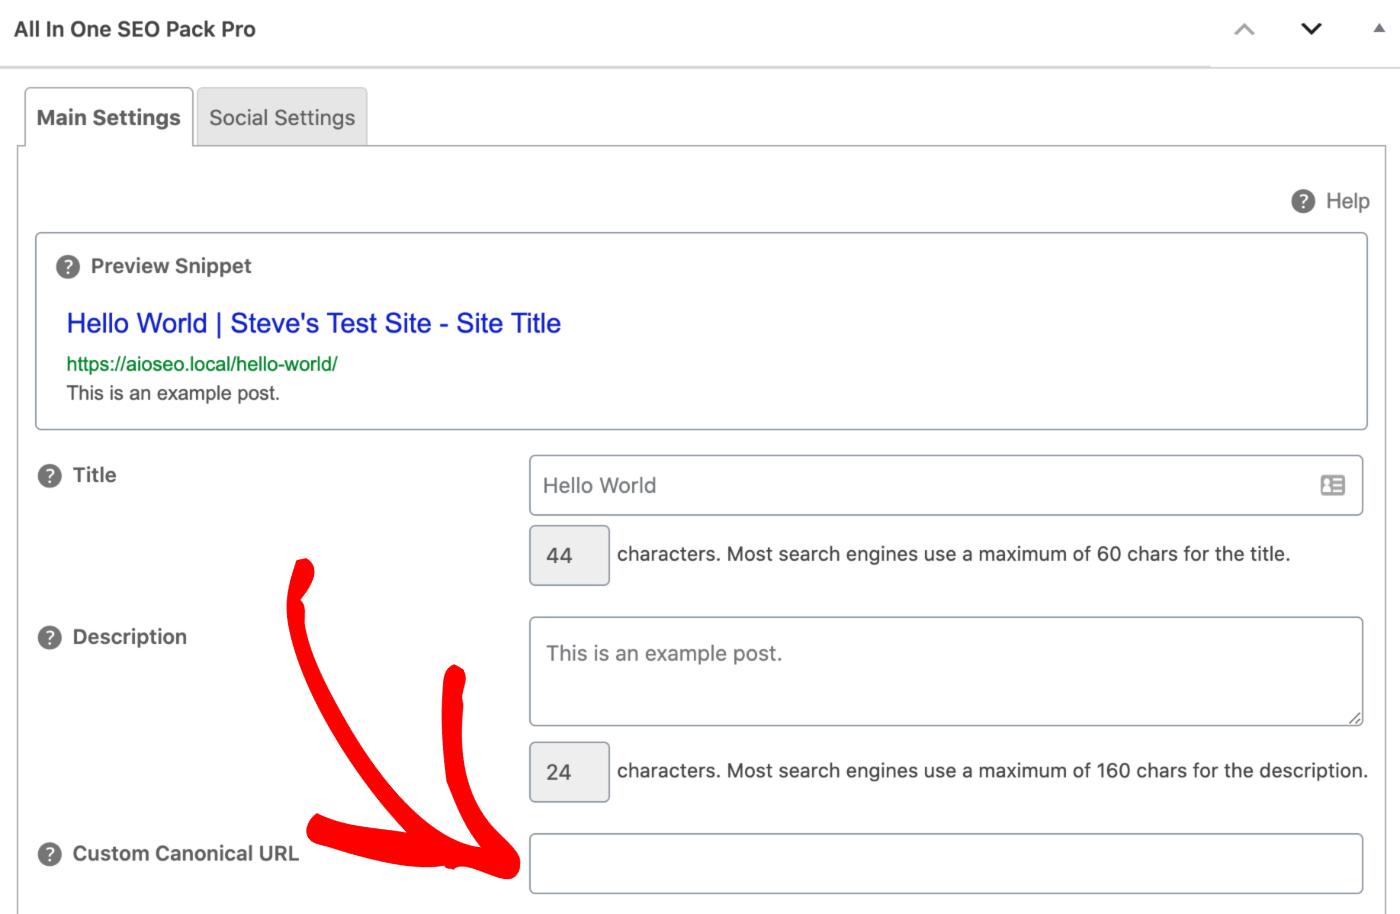 Custom Canonical URL setting in All in One SEO